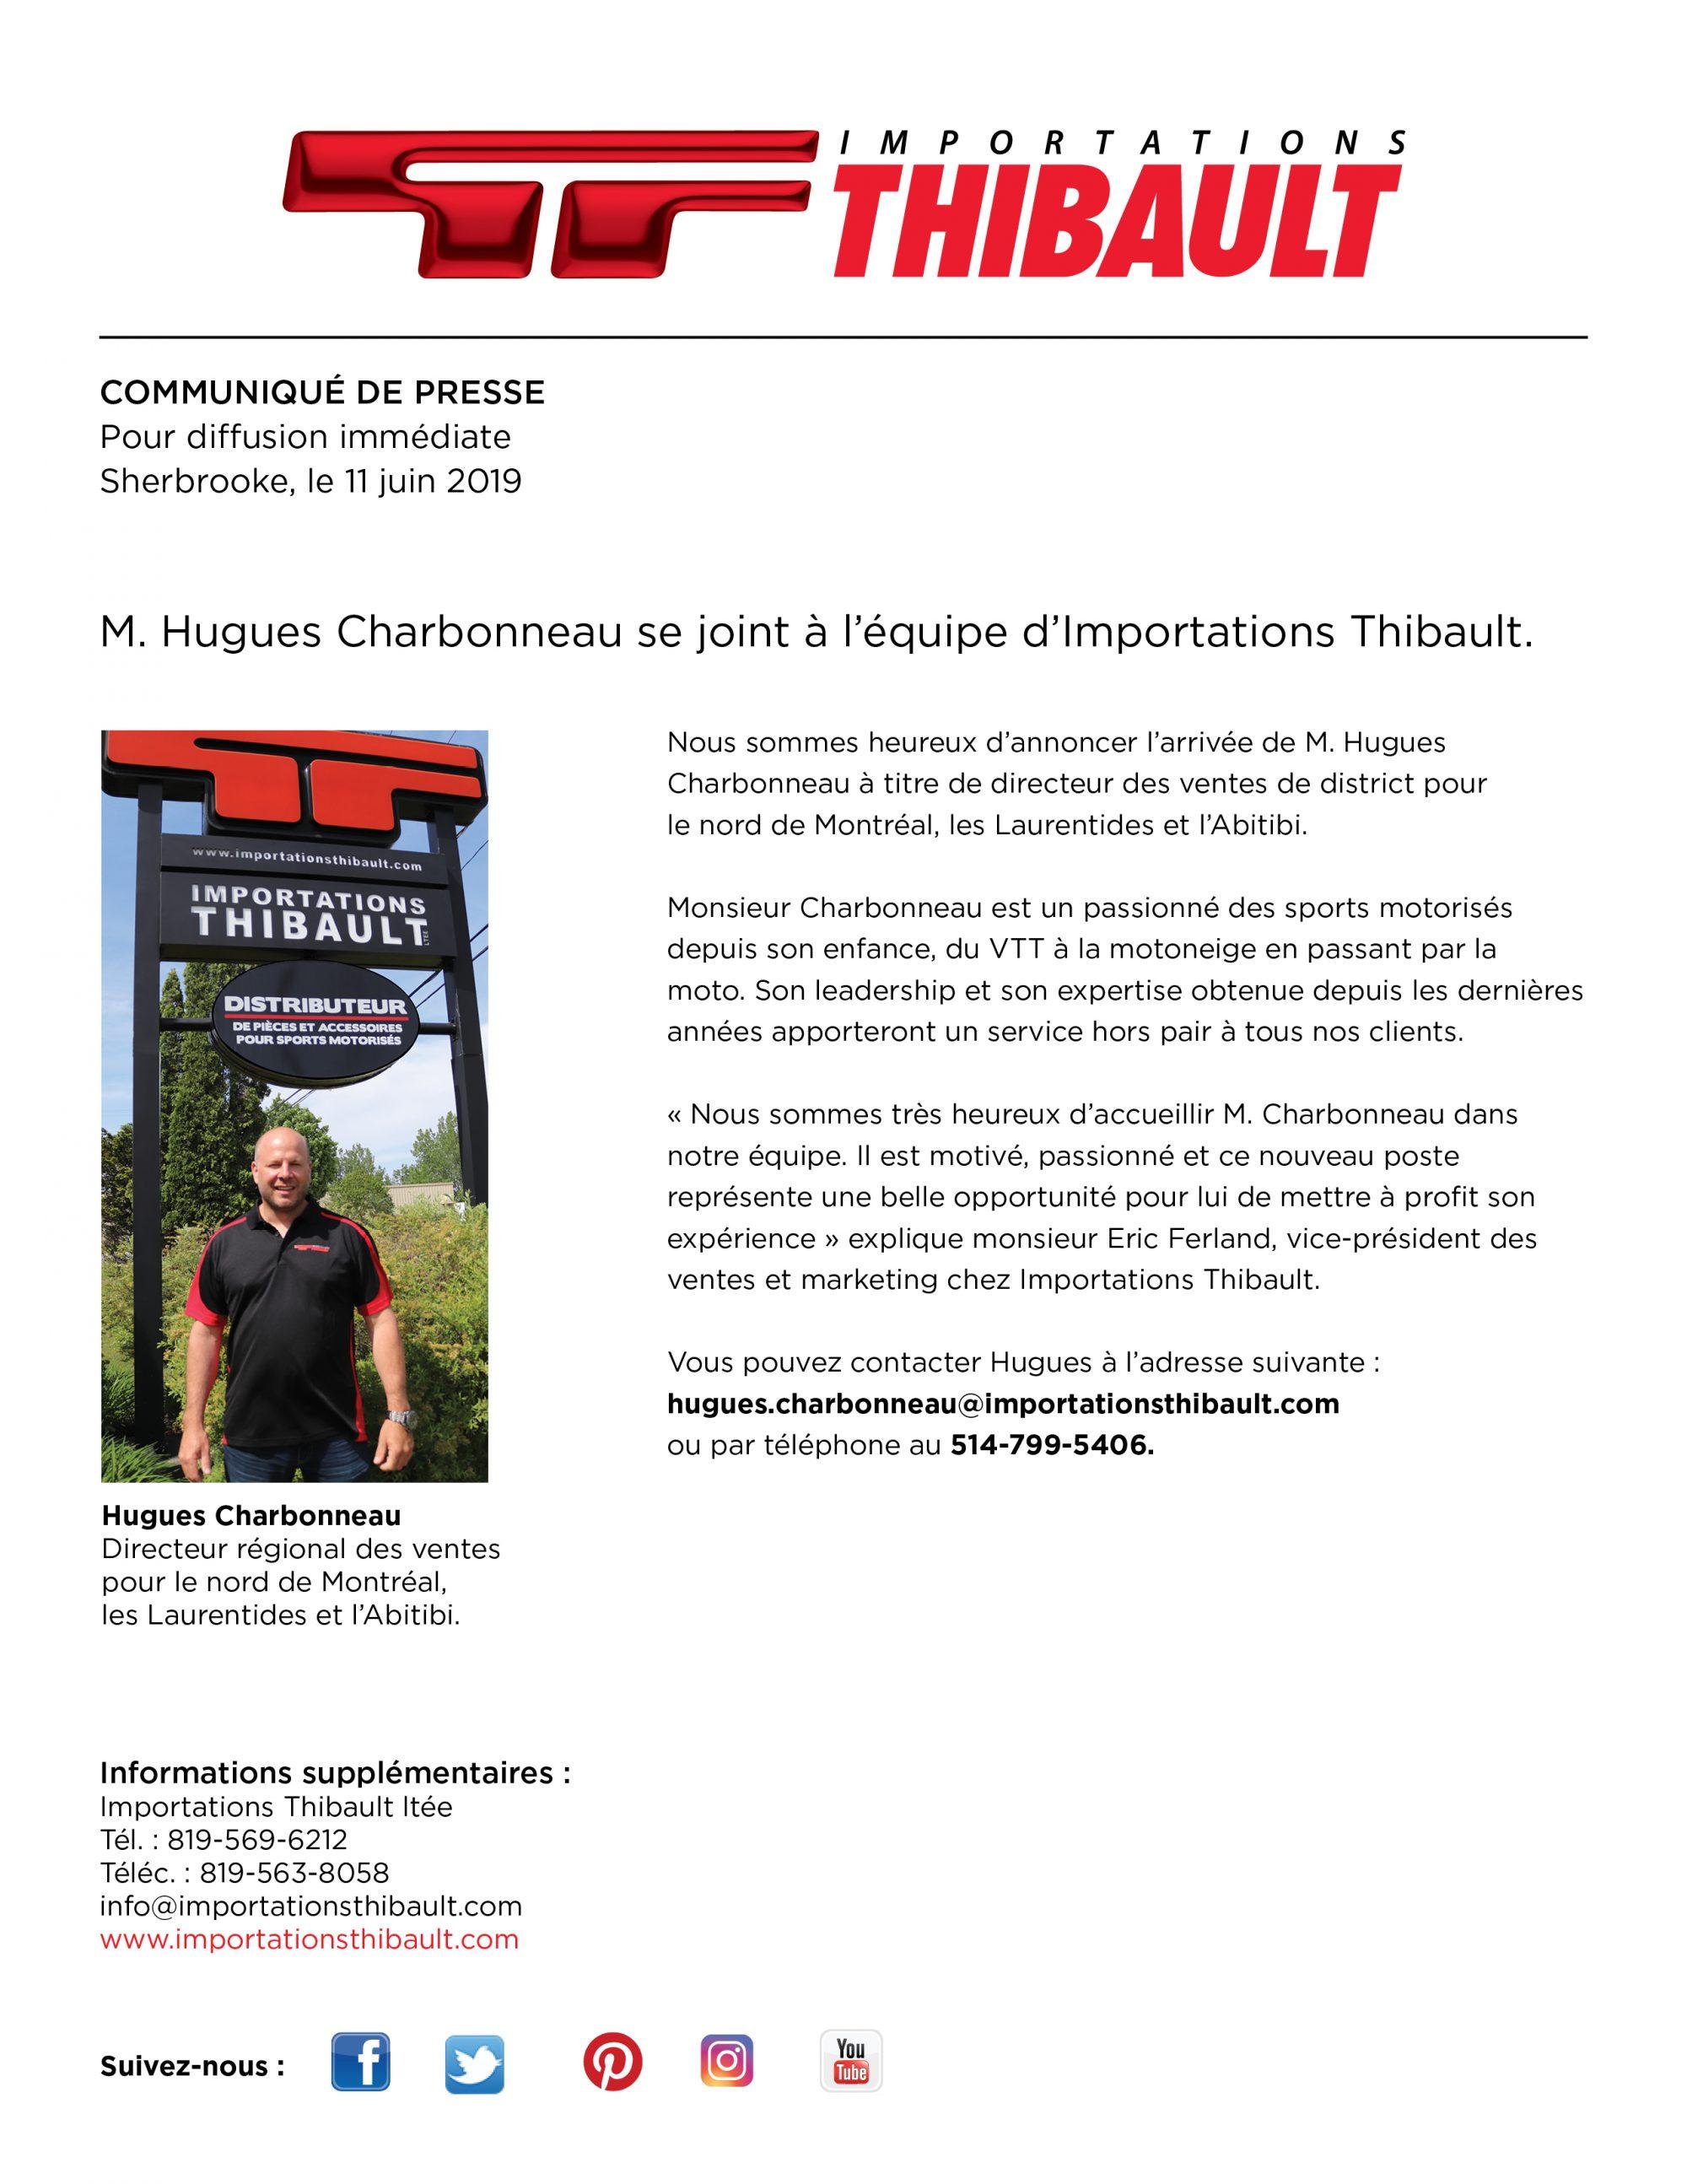 M. Hugues Charbonneau se joint à l'équipe d'Importations Thibault.